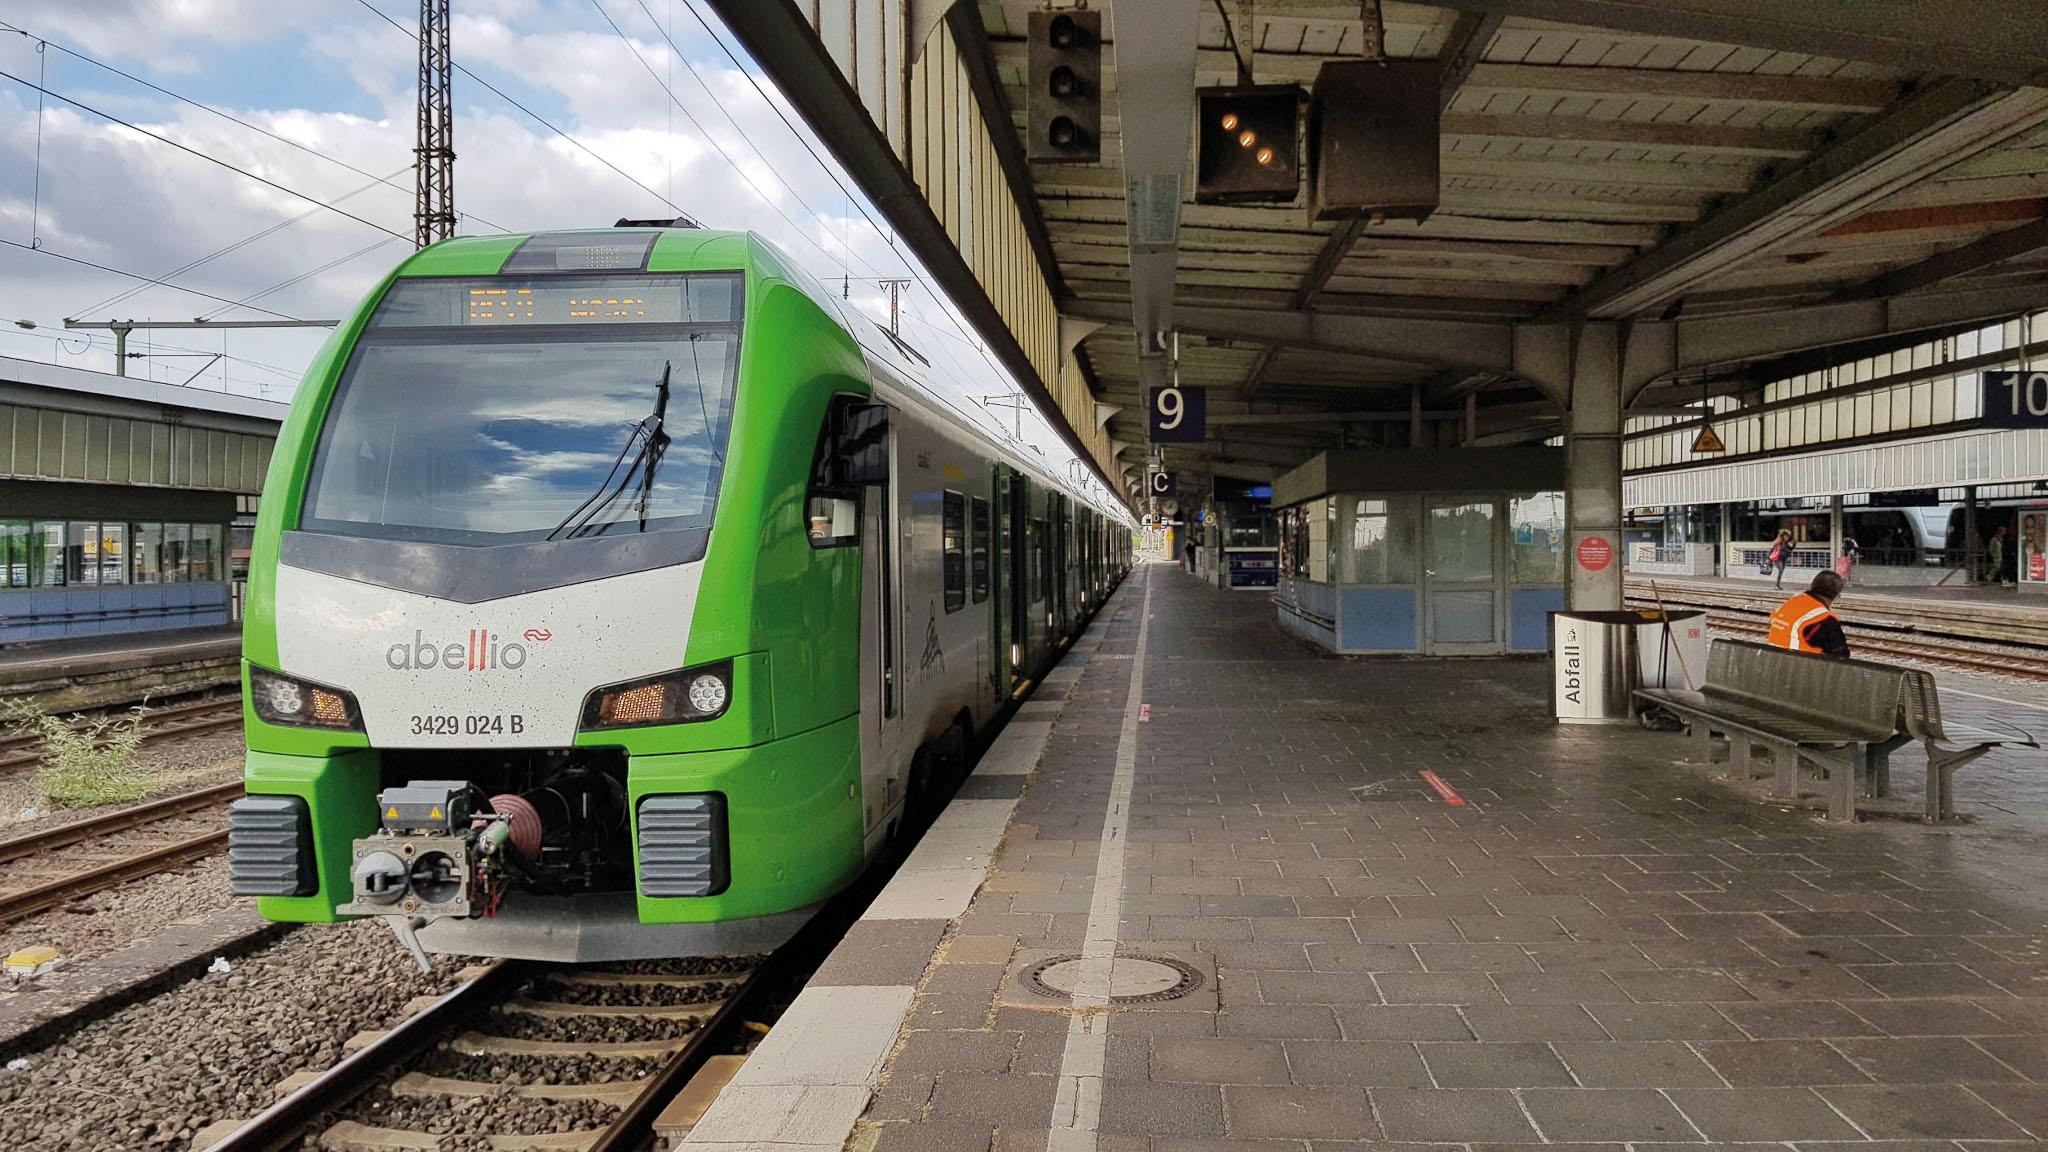 ©Foto: Oliver Külper   railmen   Elektrischer Nahverkehrszug FLIRT 3 XL der S-Bahn Rhein-Ruhr am HBF Oberhausen zwischen Wuppertal und Wesel.